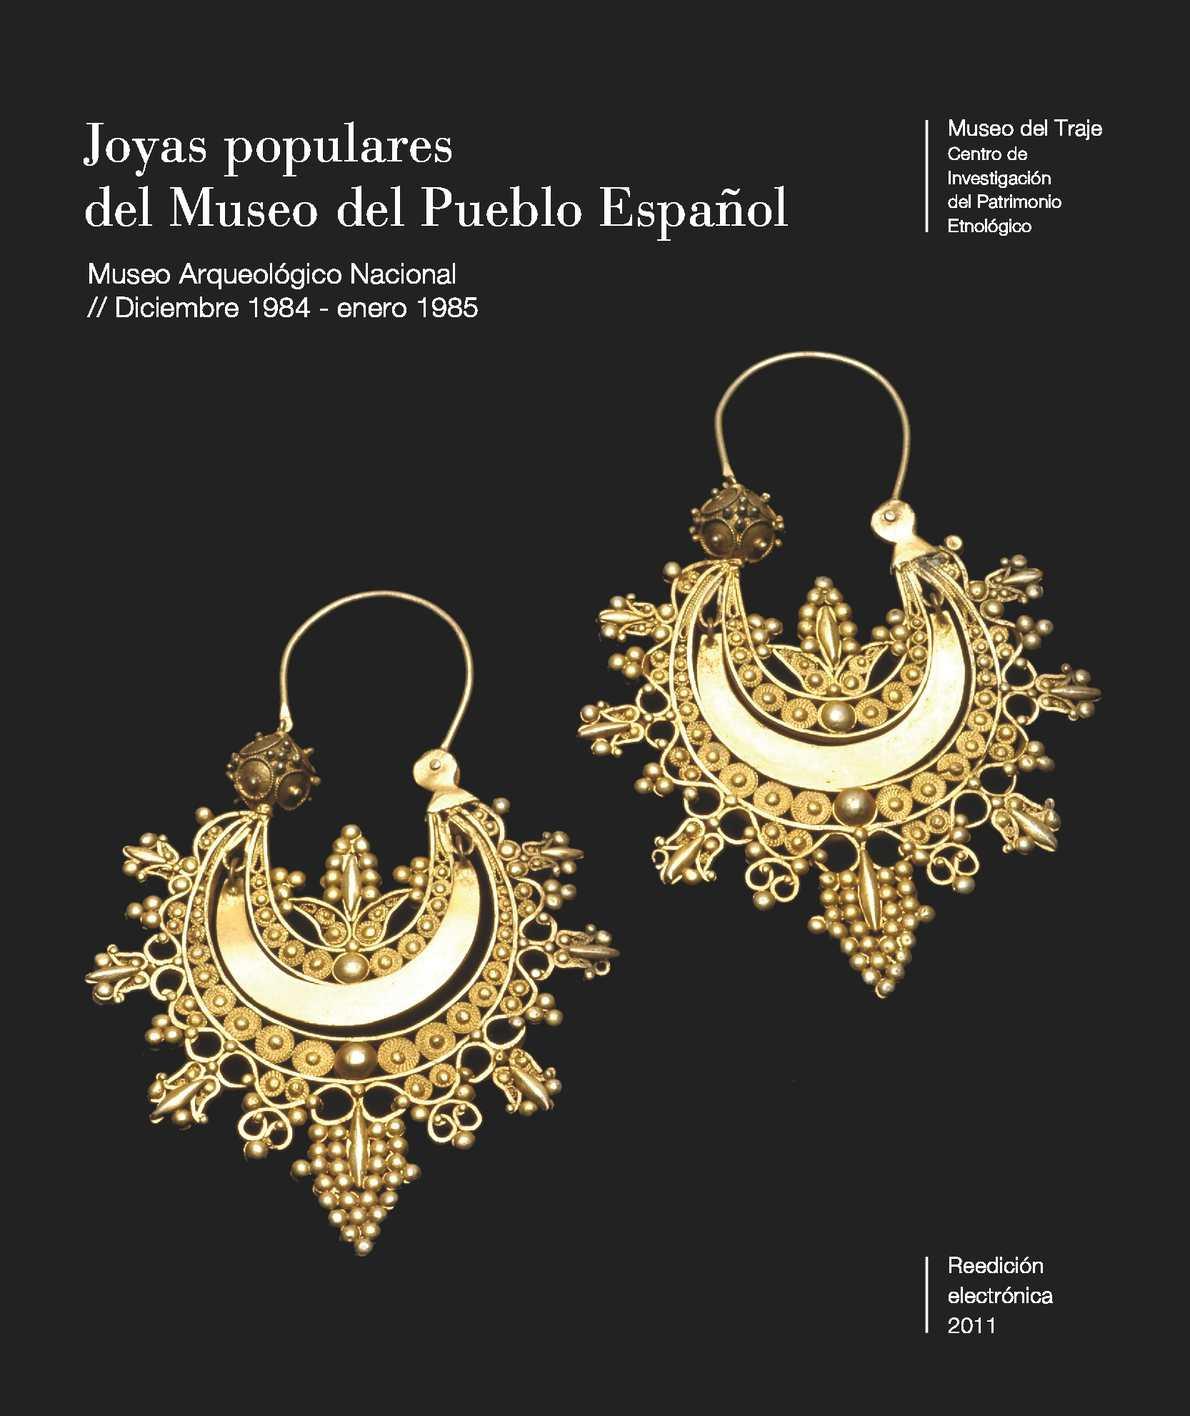 9aa1362492cf Calaméo - Joyas populares del Museo del Pueblo Español